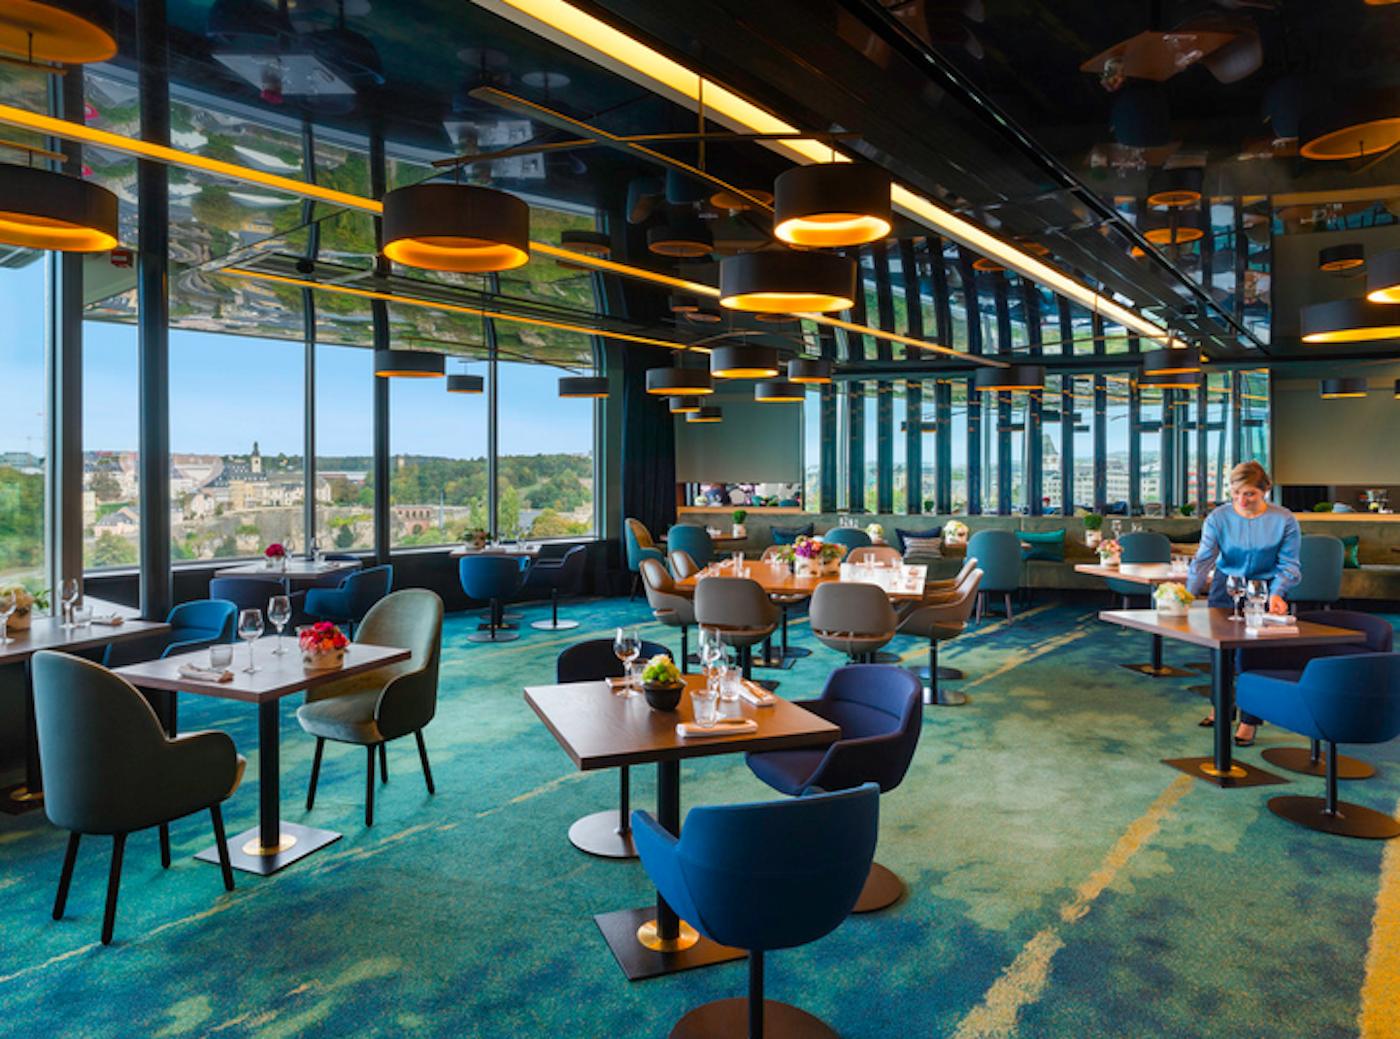 La veranda panoramica dell'hotel Sofitel Luxembourg Le Grand Ducal